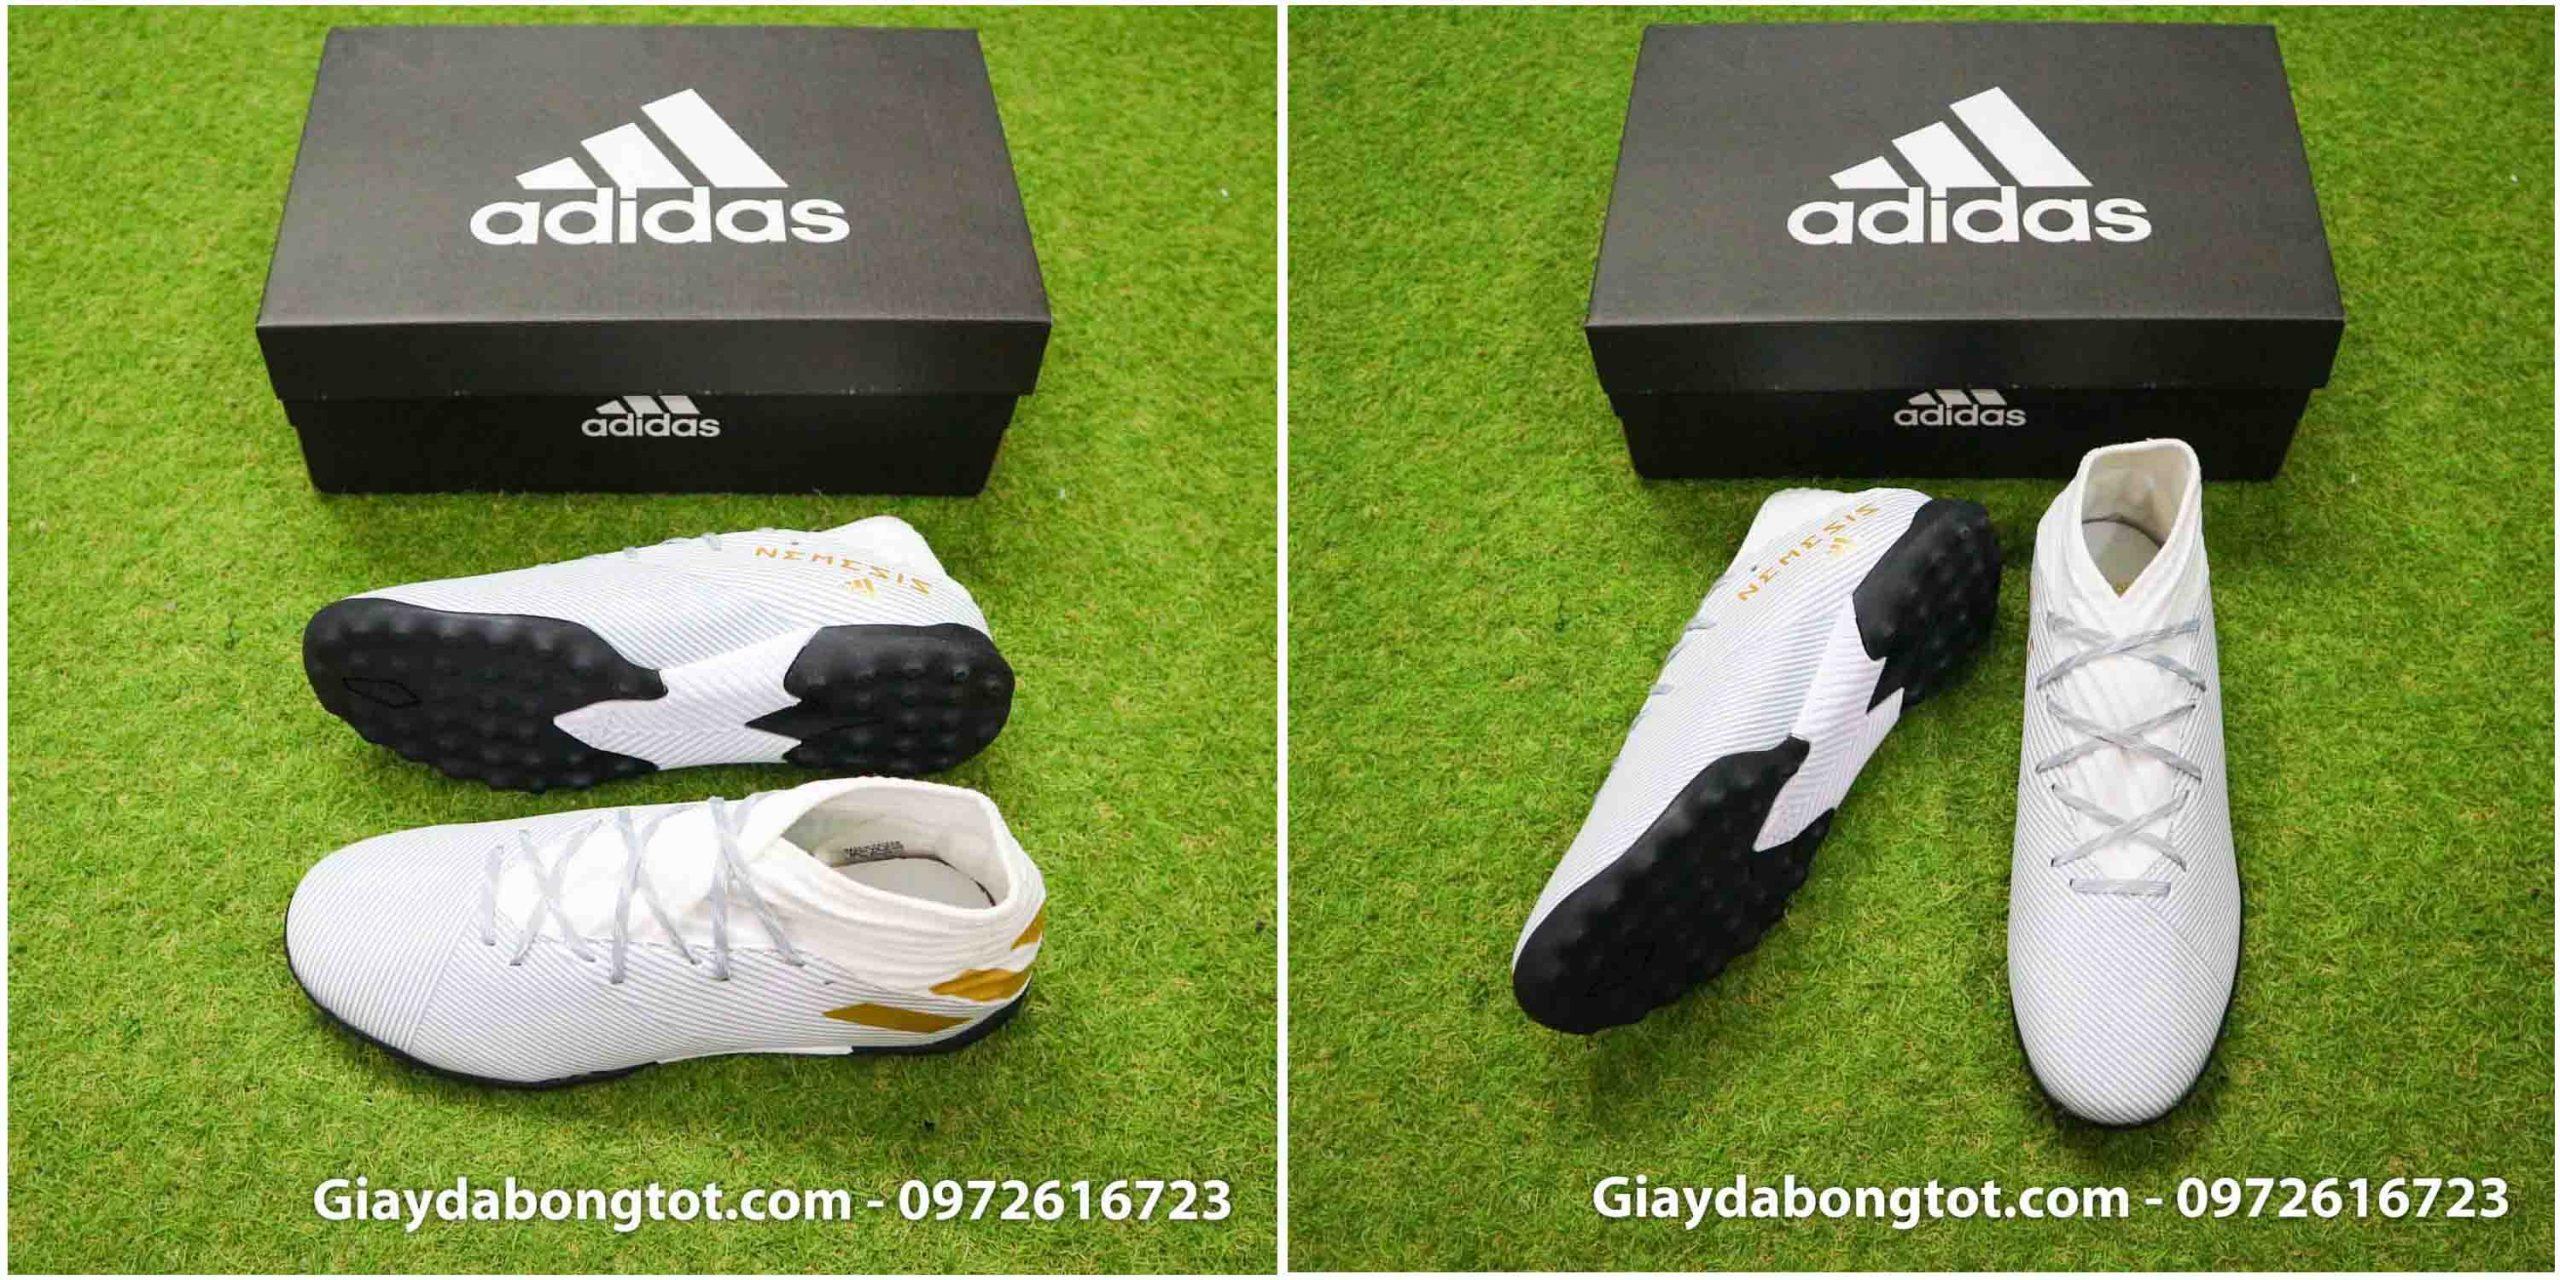 Phiên bản Adidas Nemeziz 19.3 TF bản cổ cao cũng có form giày thoải mái